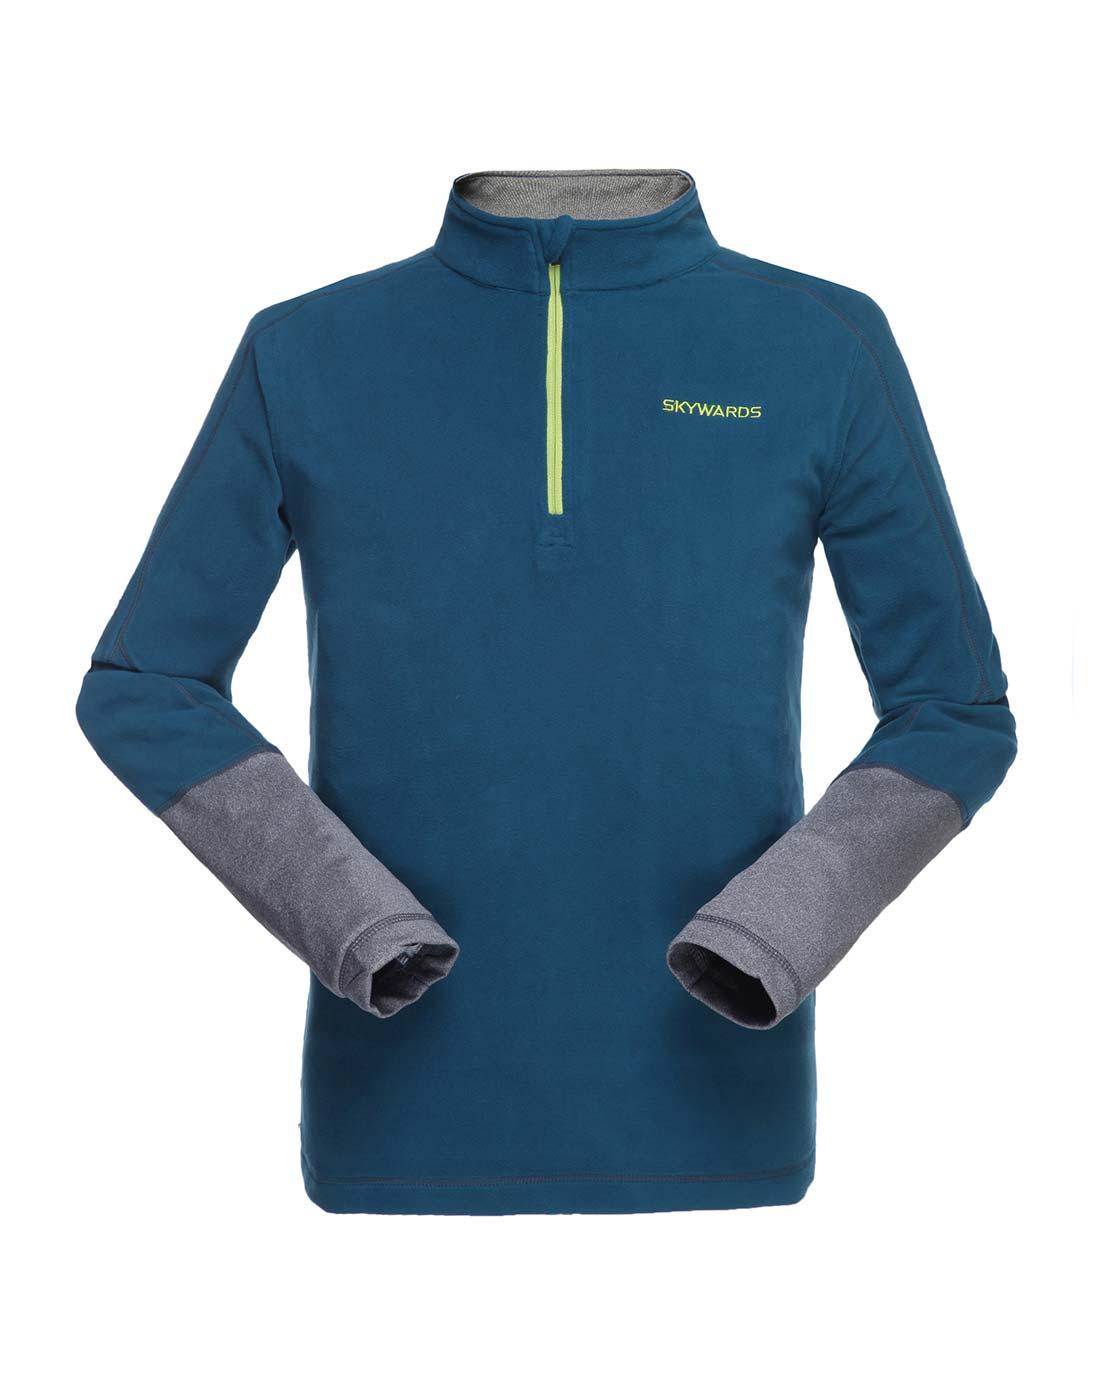 塞沃斯 男款深奧藍拼深灰半開胸抓絨衣 抗靜電防風保暖